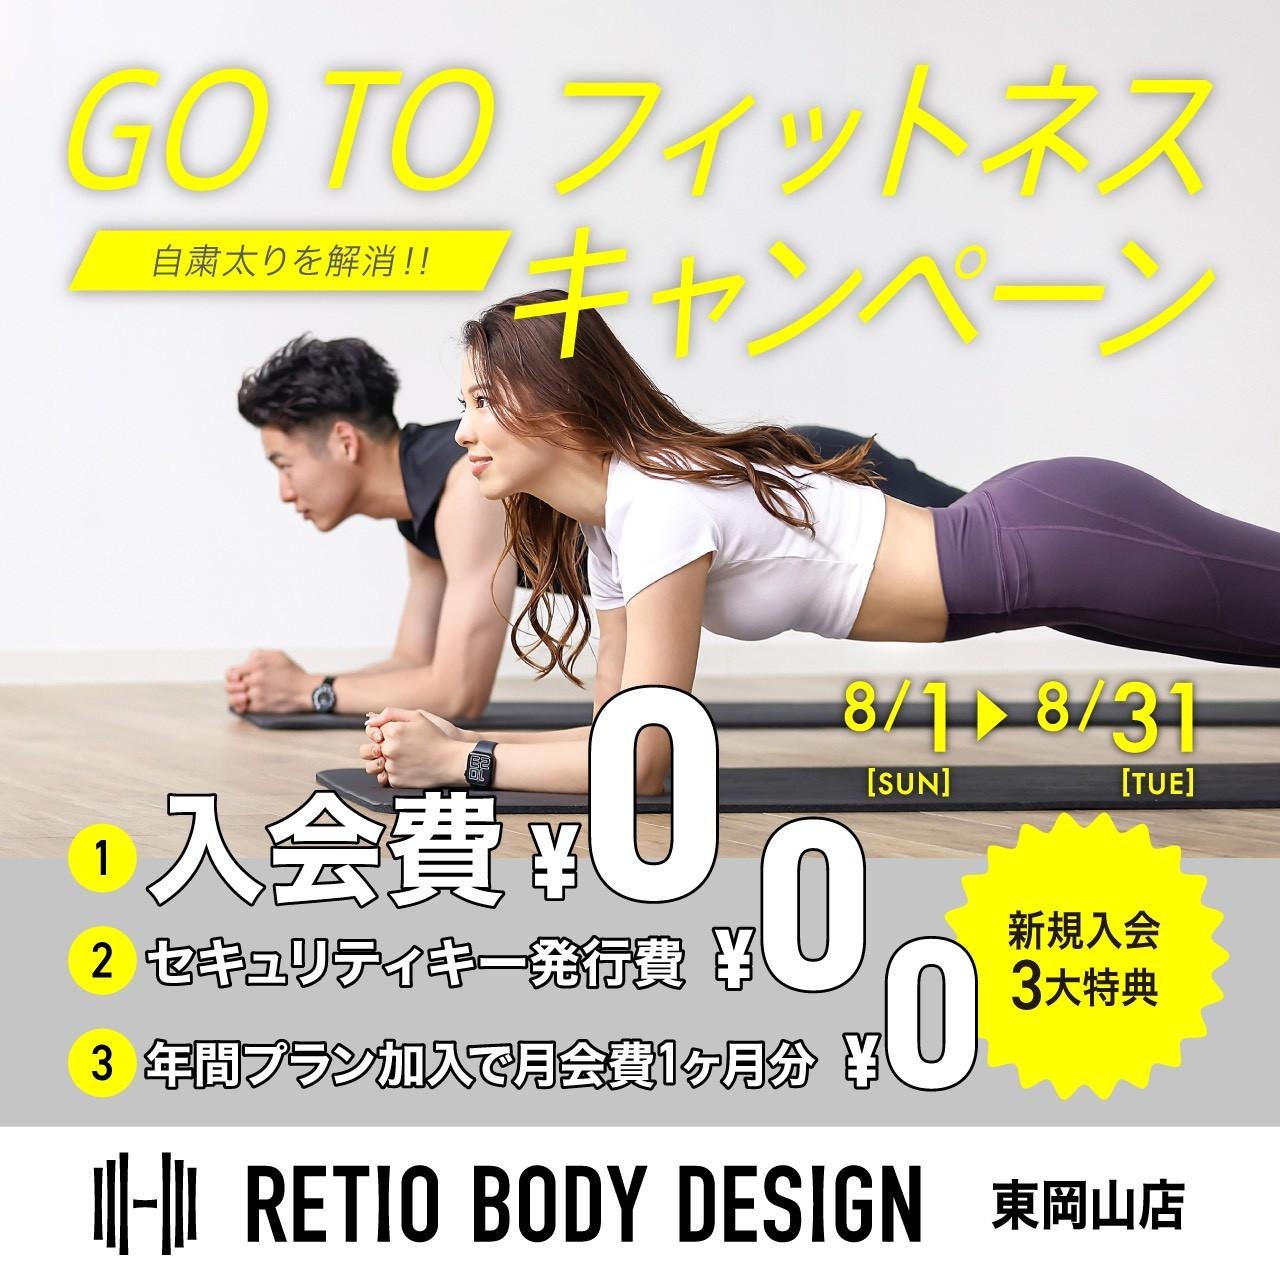 GOTOフィットネスキャンペーン